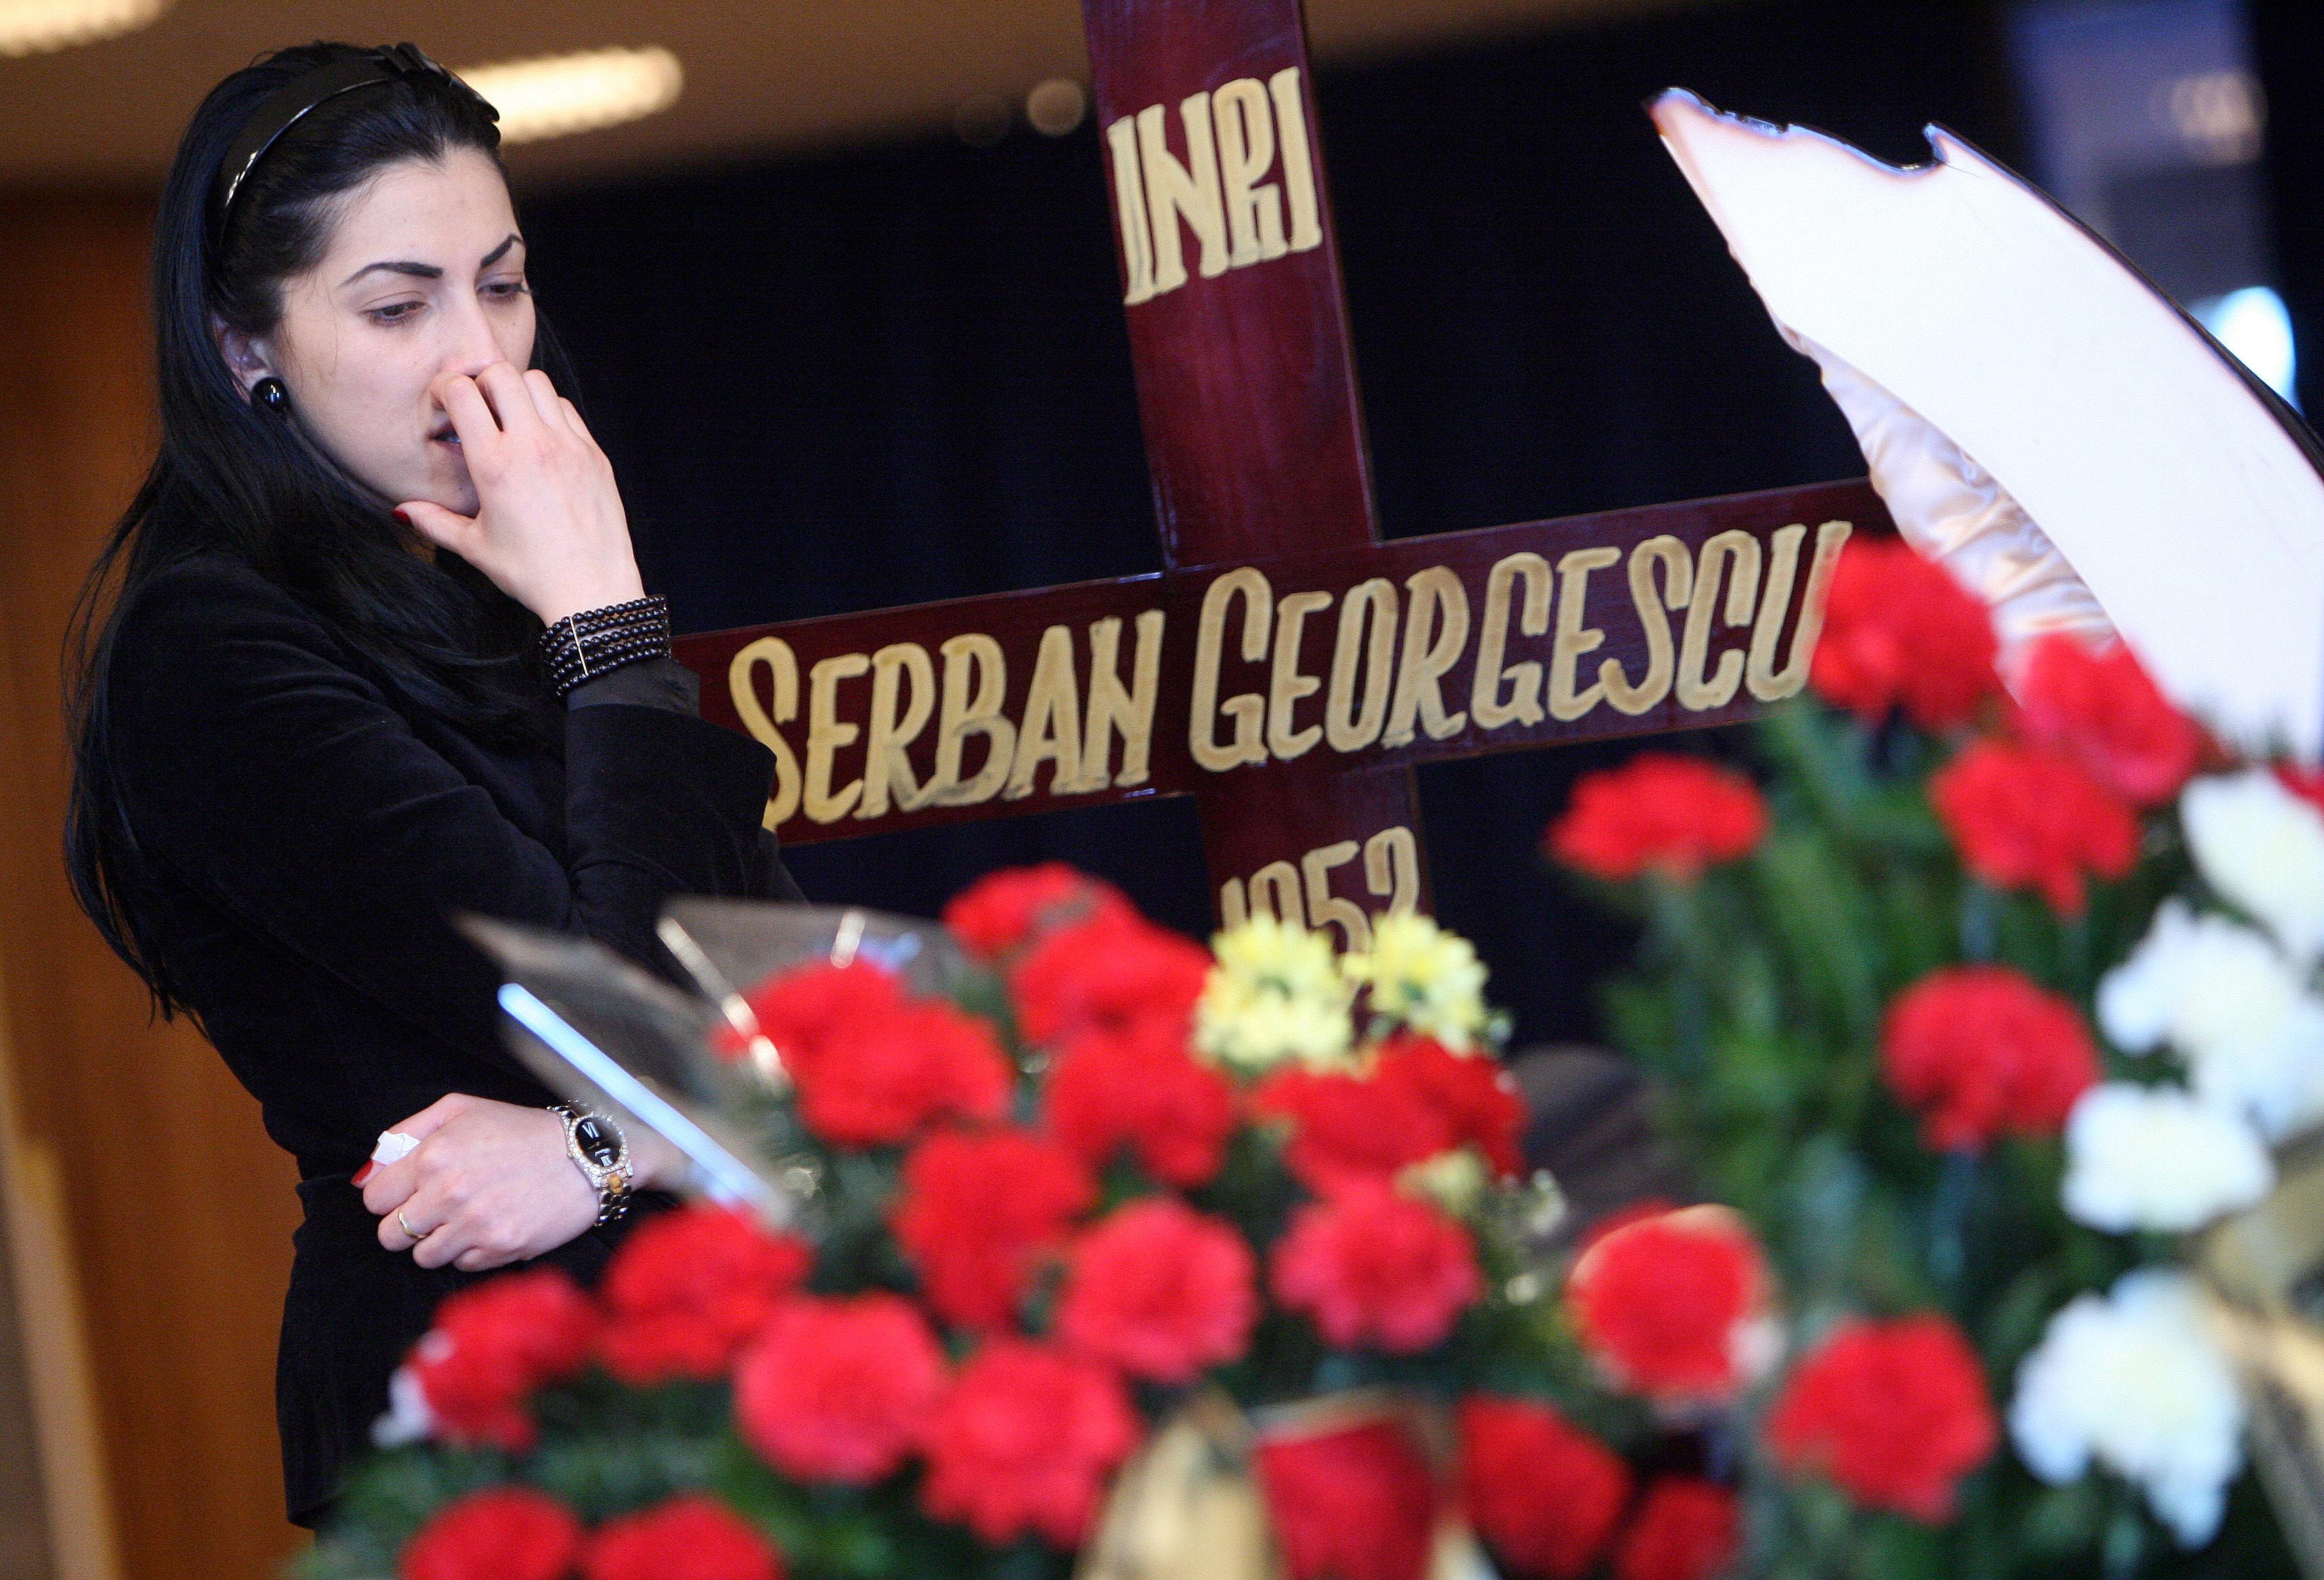 Eniko a suferit extrem de mult dupa moartea sotului ei, celebrul compozitor Serban Georgescu